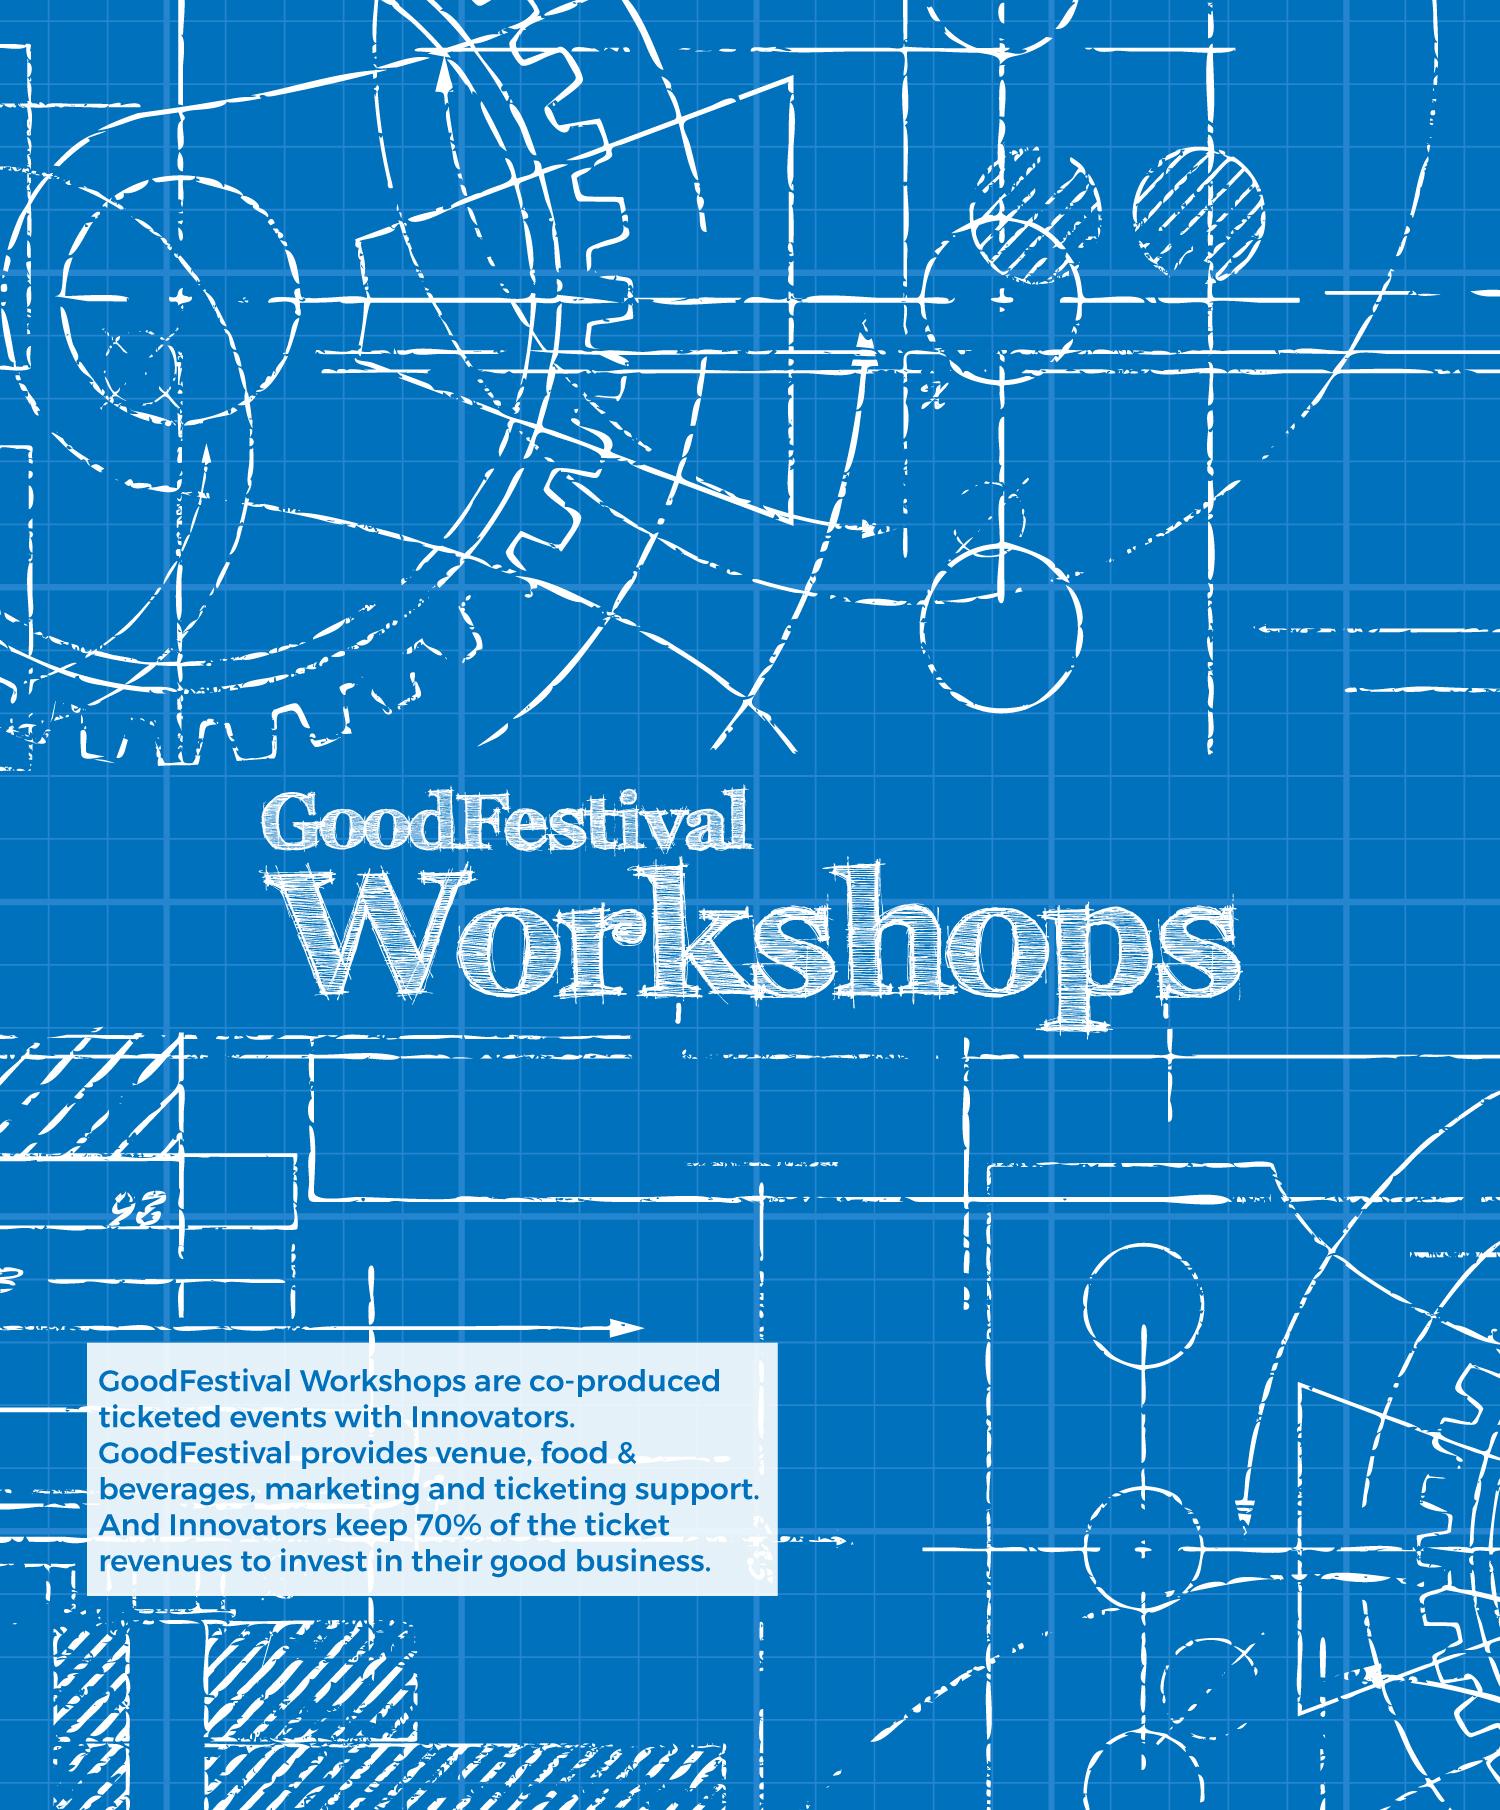 GoodFestival-Workshops-Front-V1-2.jpg